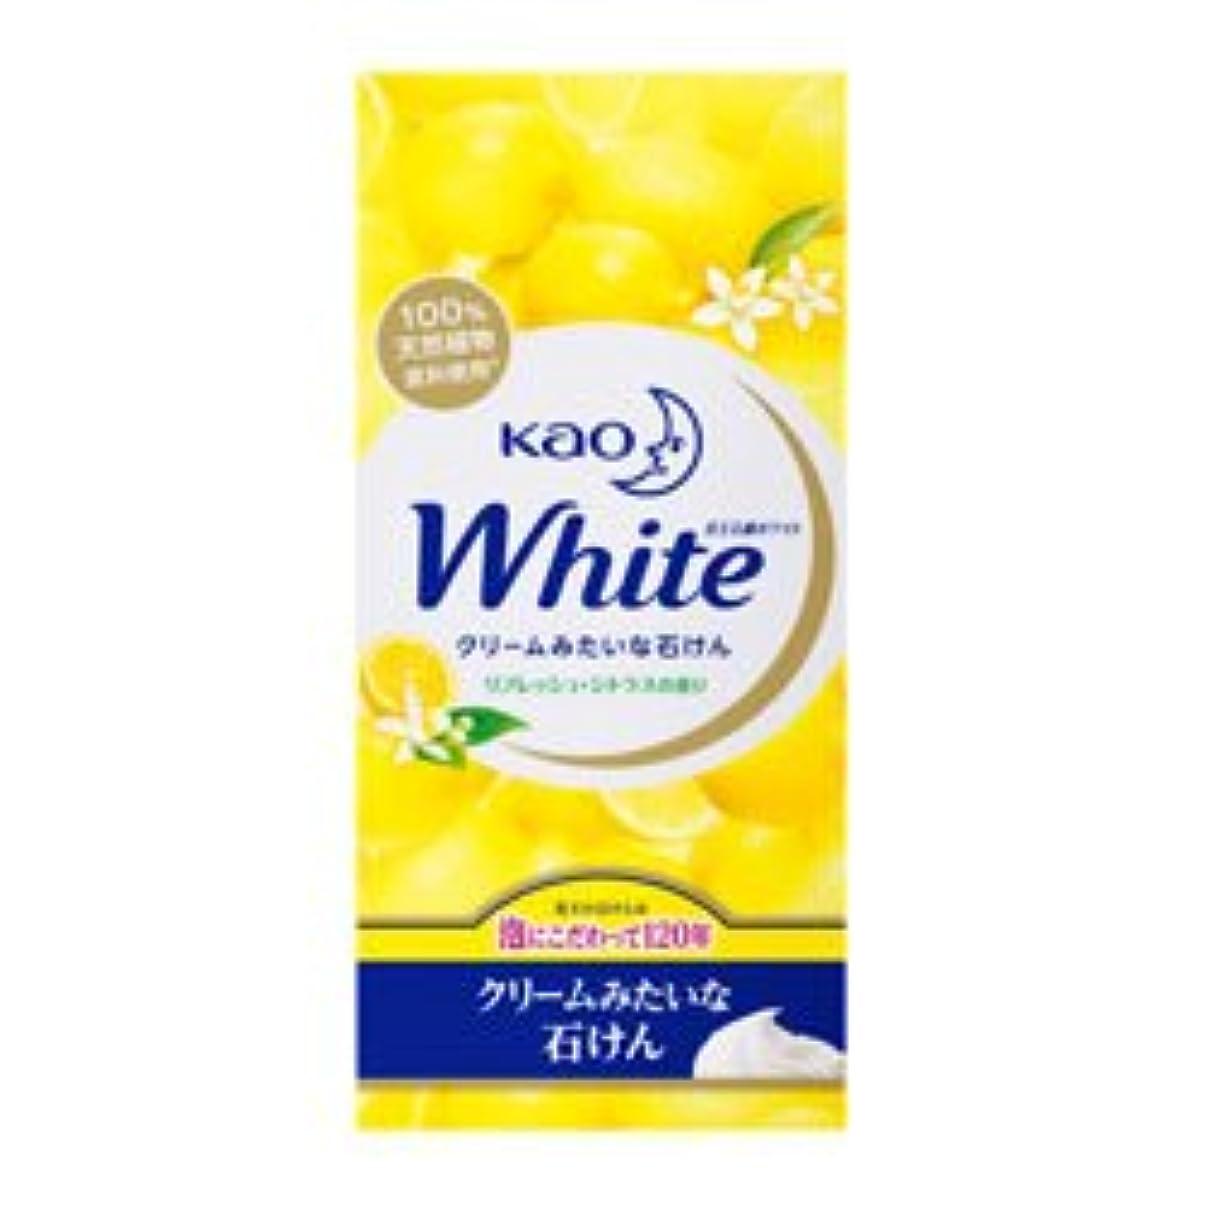 救い白鳥放散する【花王】ホワイト リフレッシュ?シトラスの香り レギュラーサイズ 85g×6個入 ×20個セット